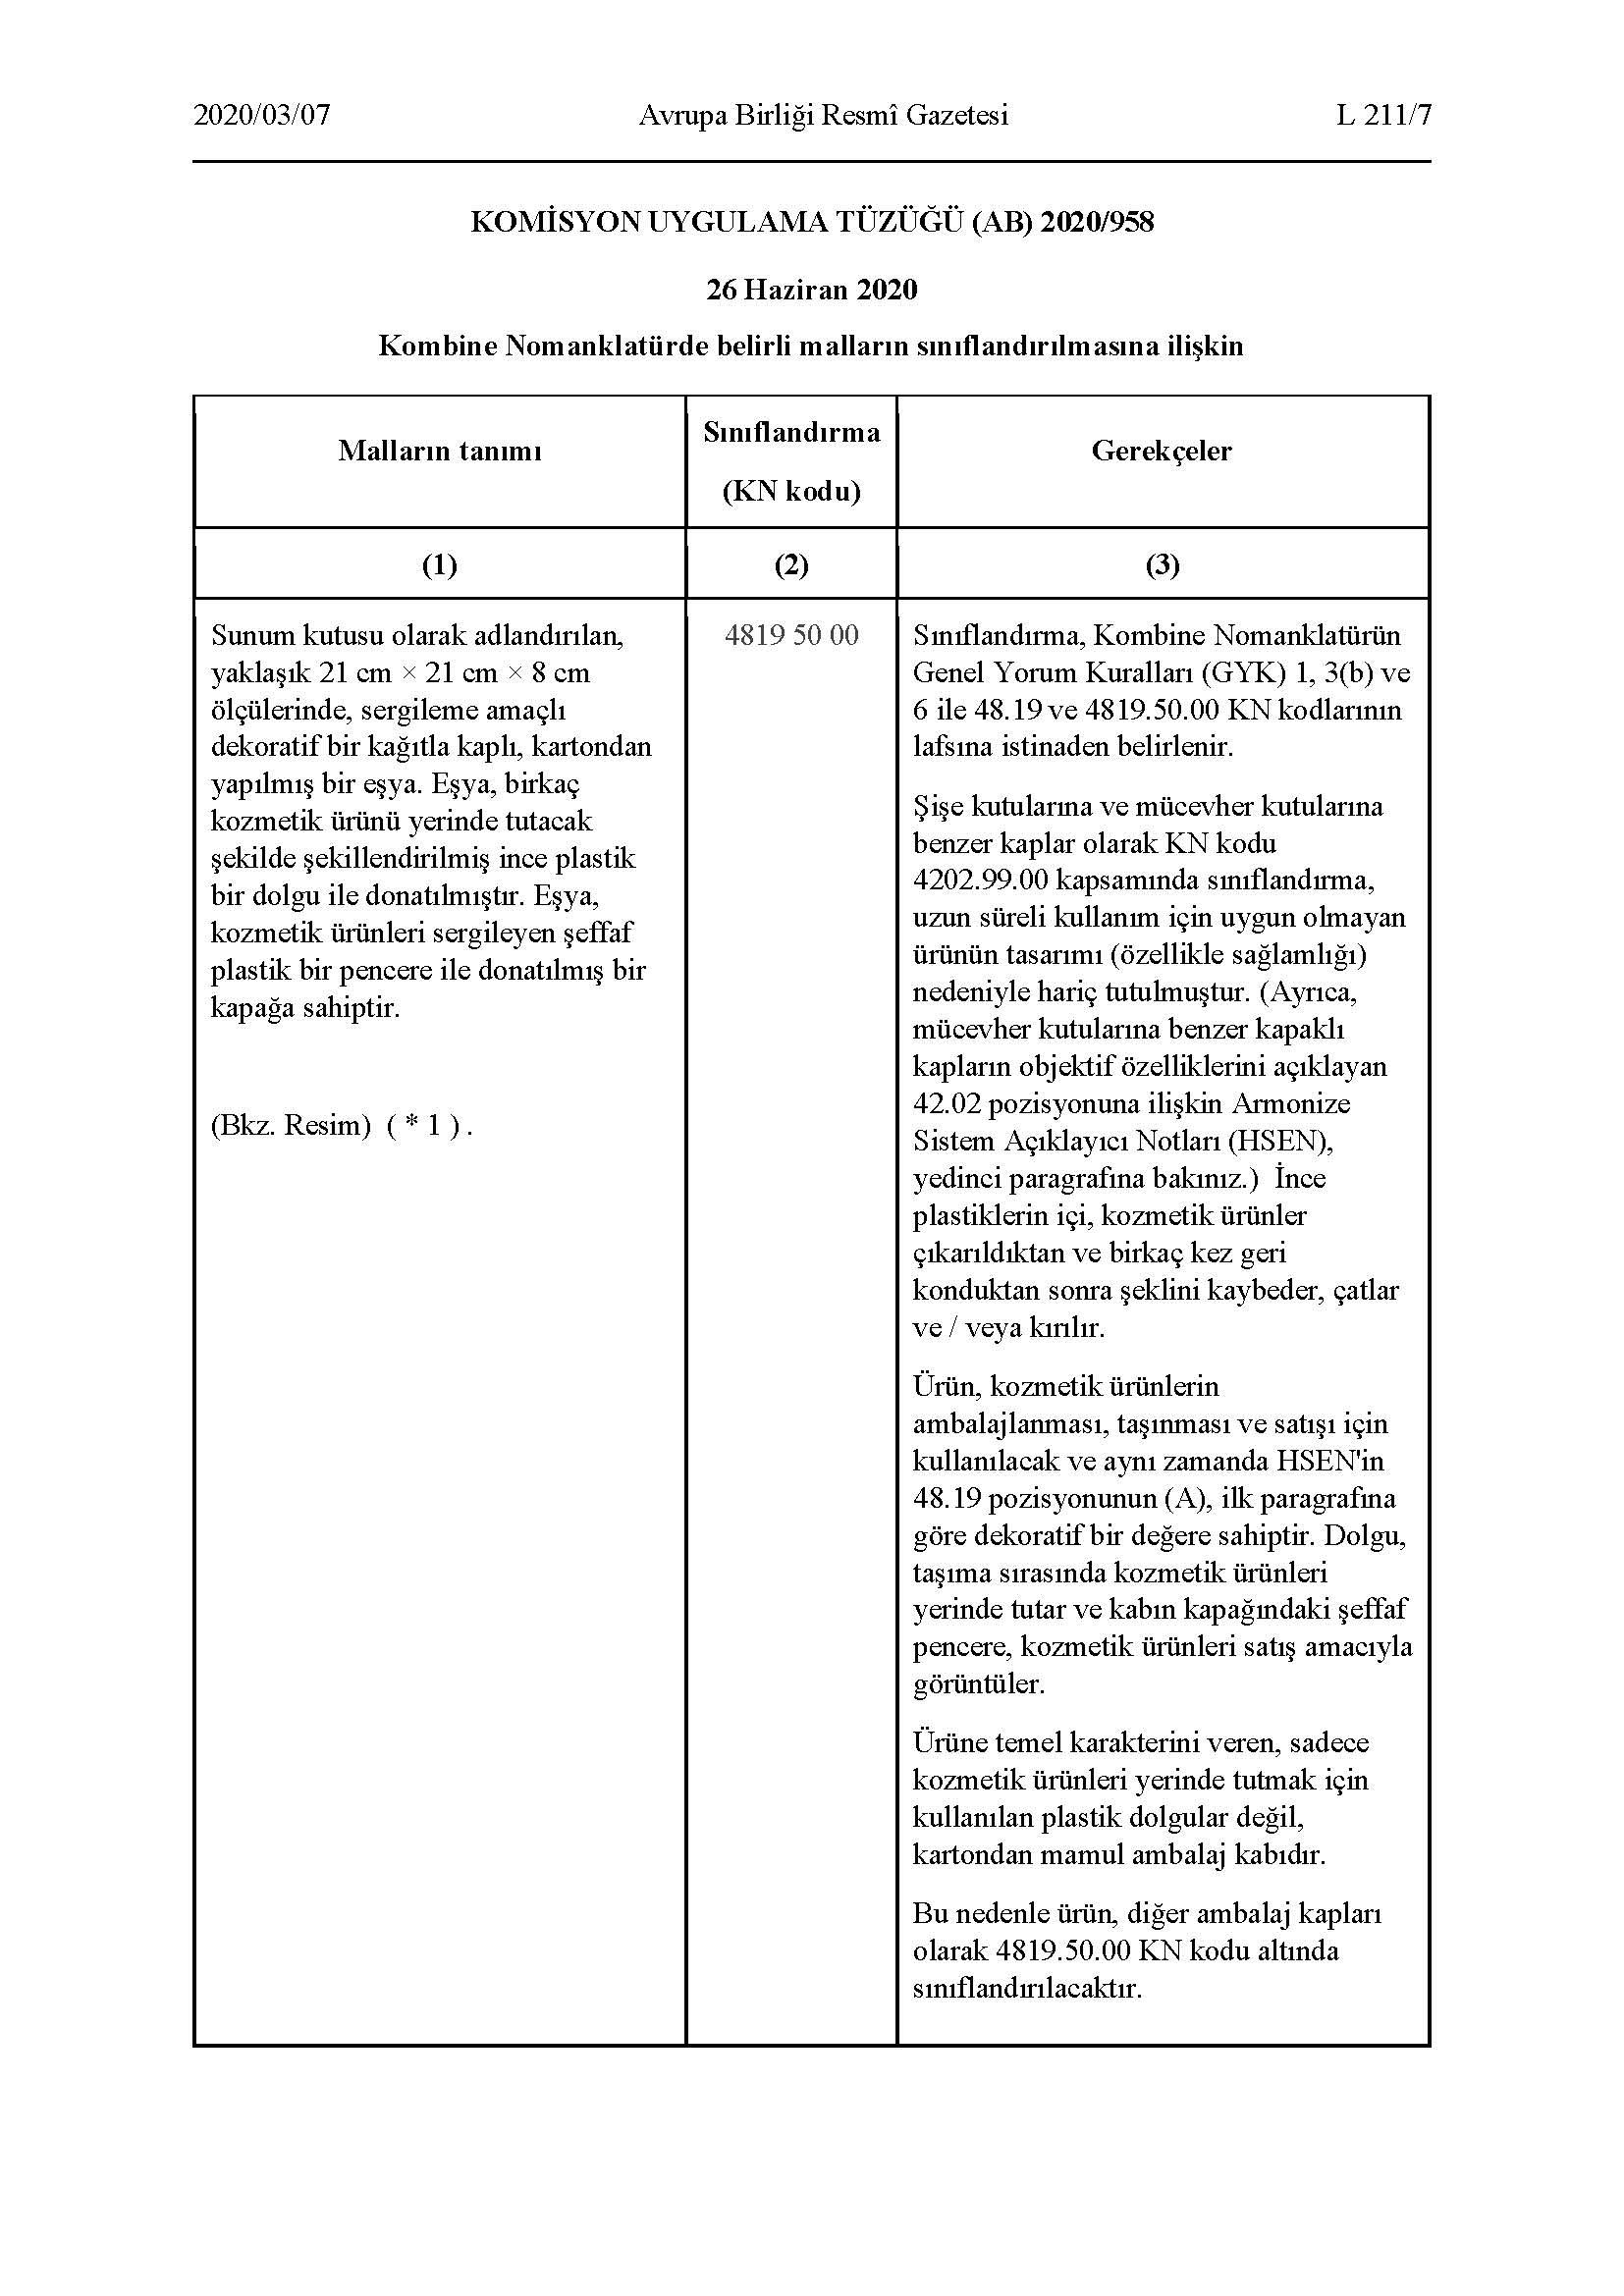 Bazı Malların Sınıflandırılmasına İlşkin AB Komisyon Tüzüğü 2020-958_Sayfa_1